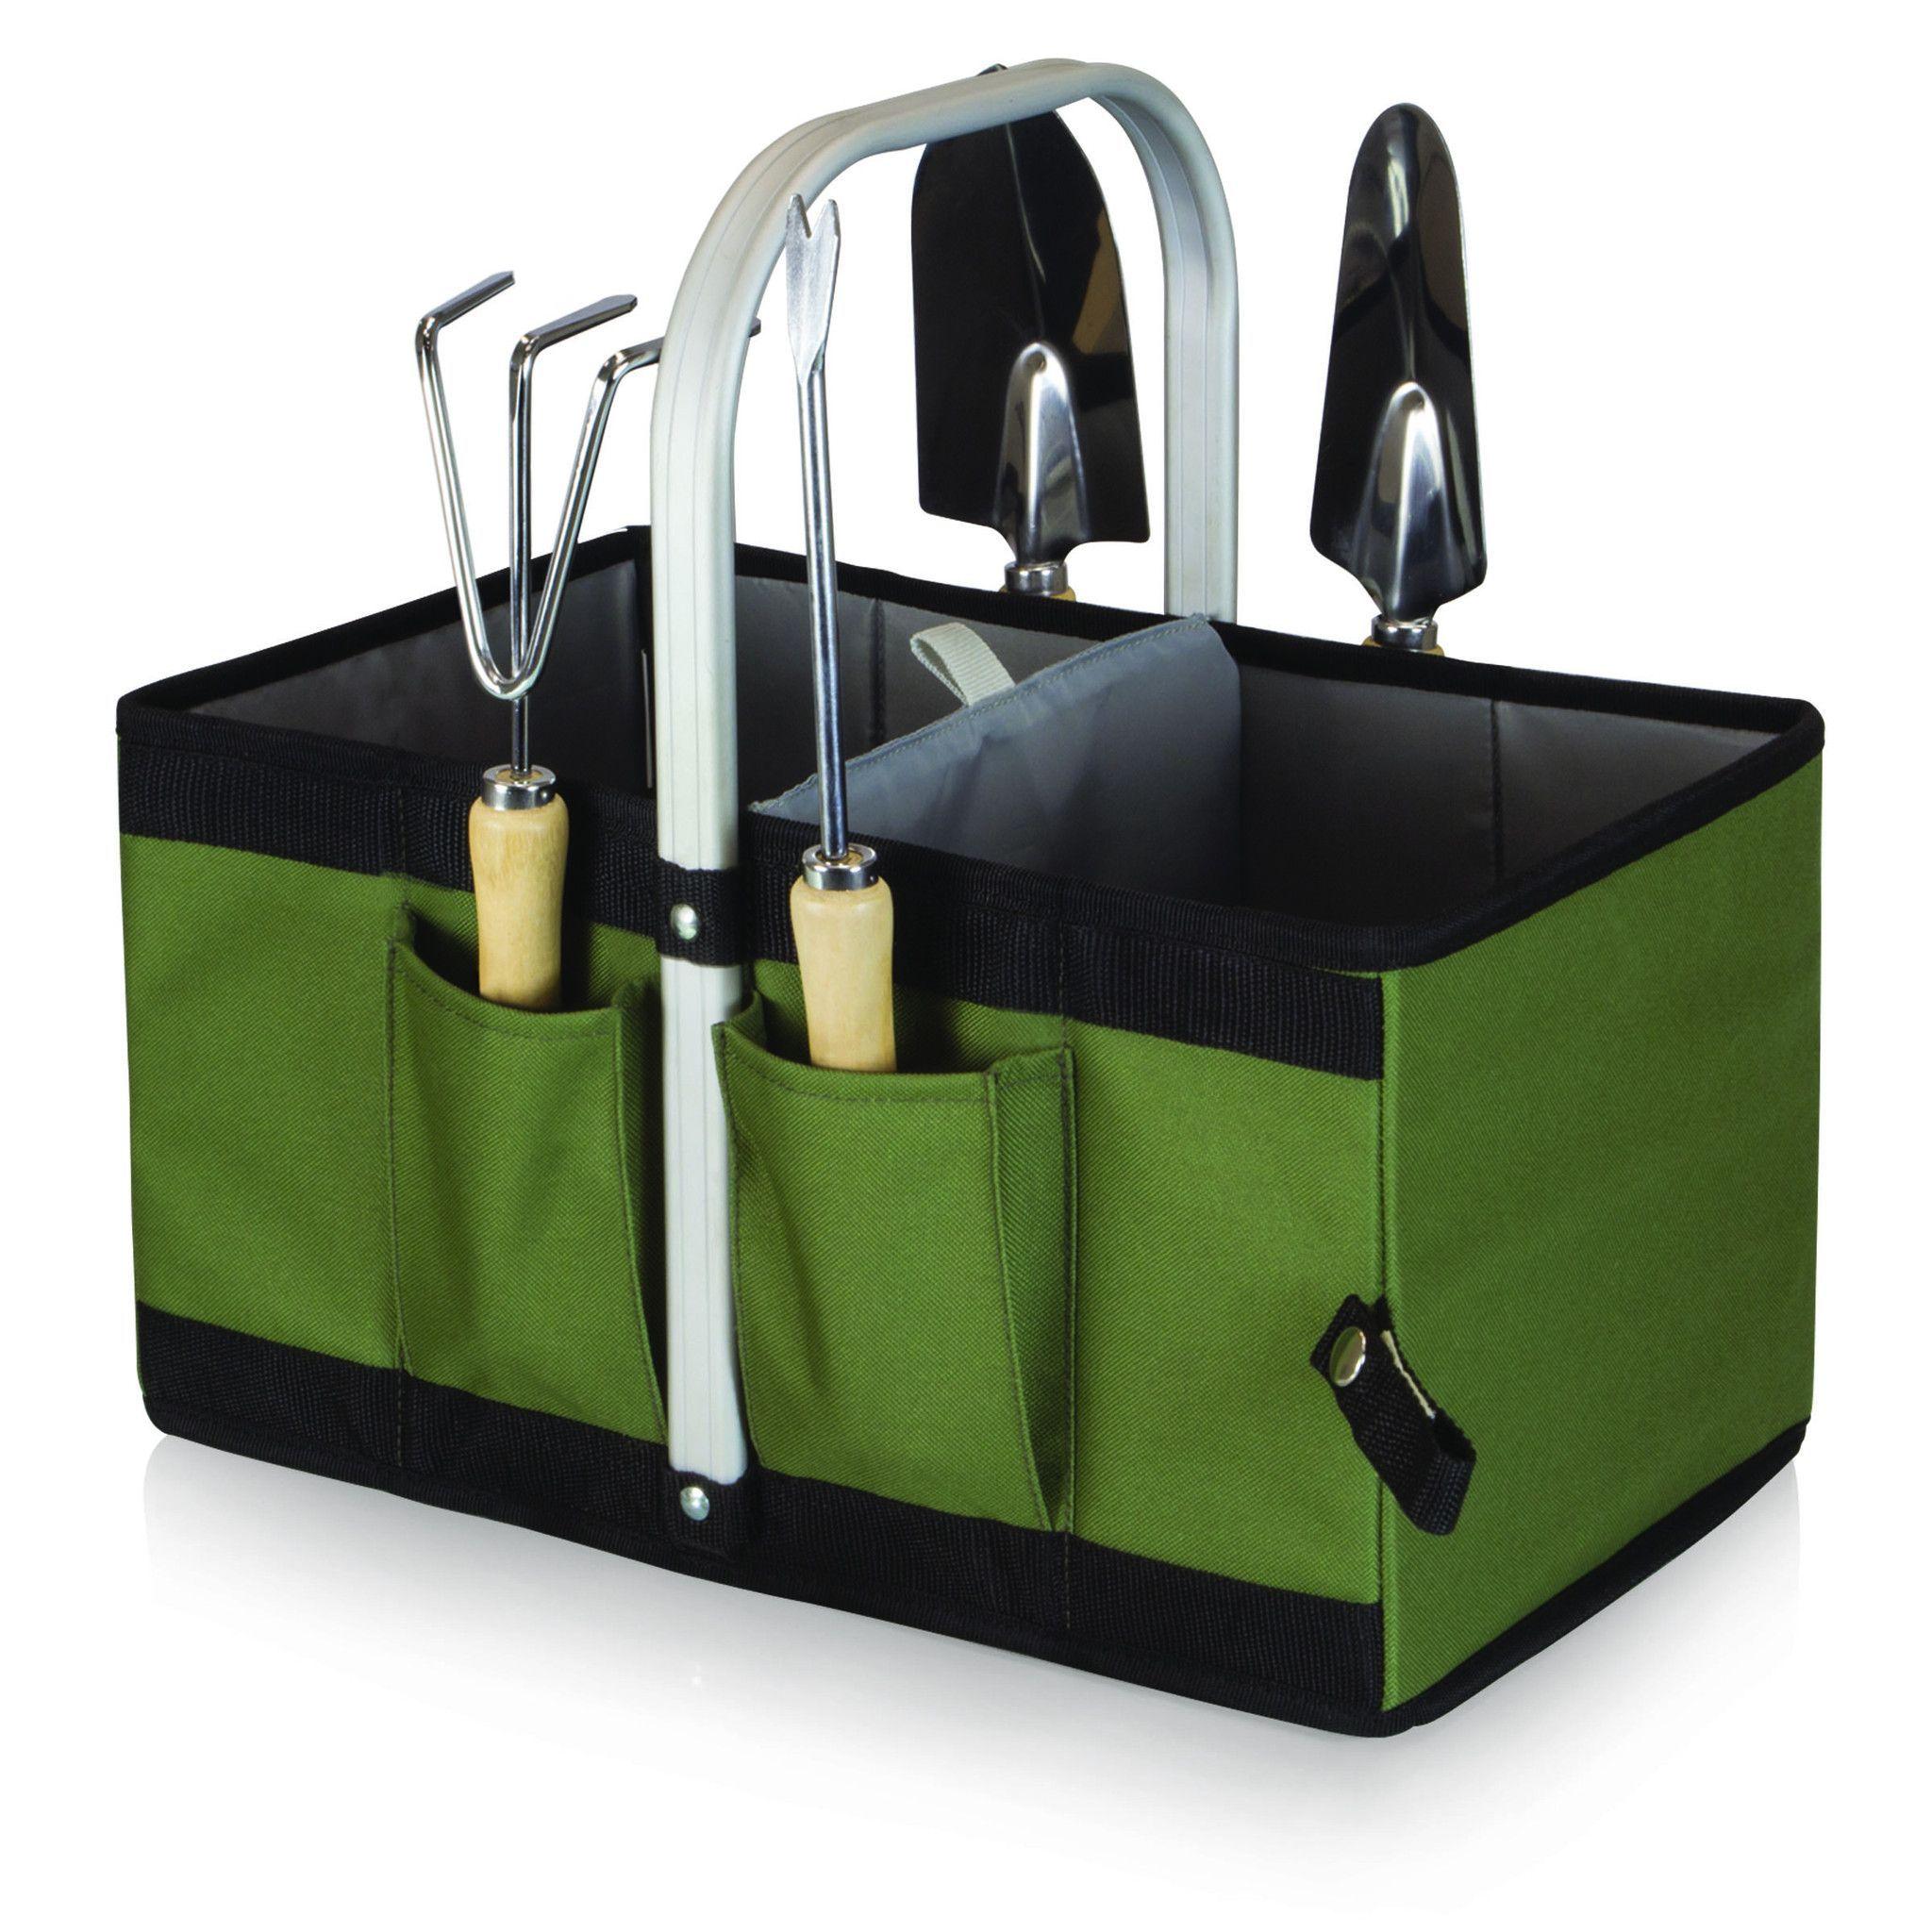 4f2e7da11228f1fcbc0b0fc70bf8b606 - Picnictime Gardener Chair And Tools Set